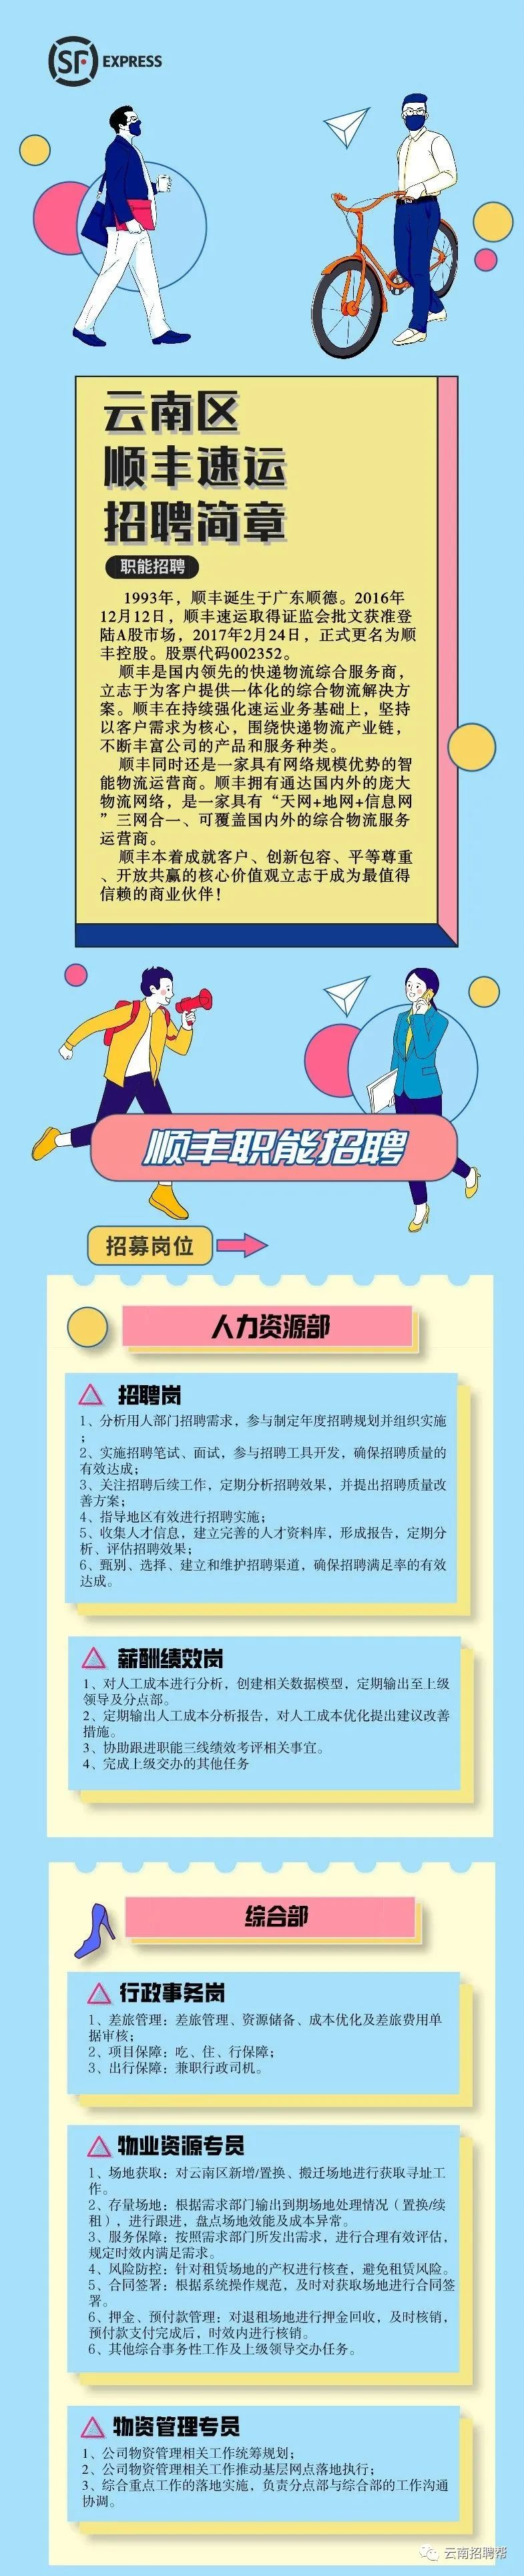 云南顺丰速运有限公司2021年社招 校招公告 年薪8万起!六险一金!